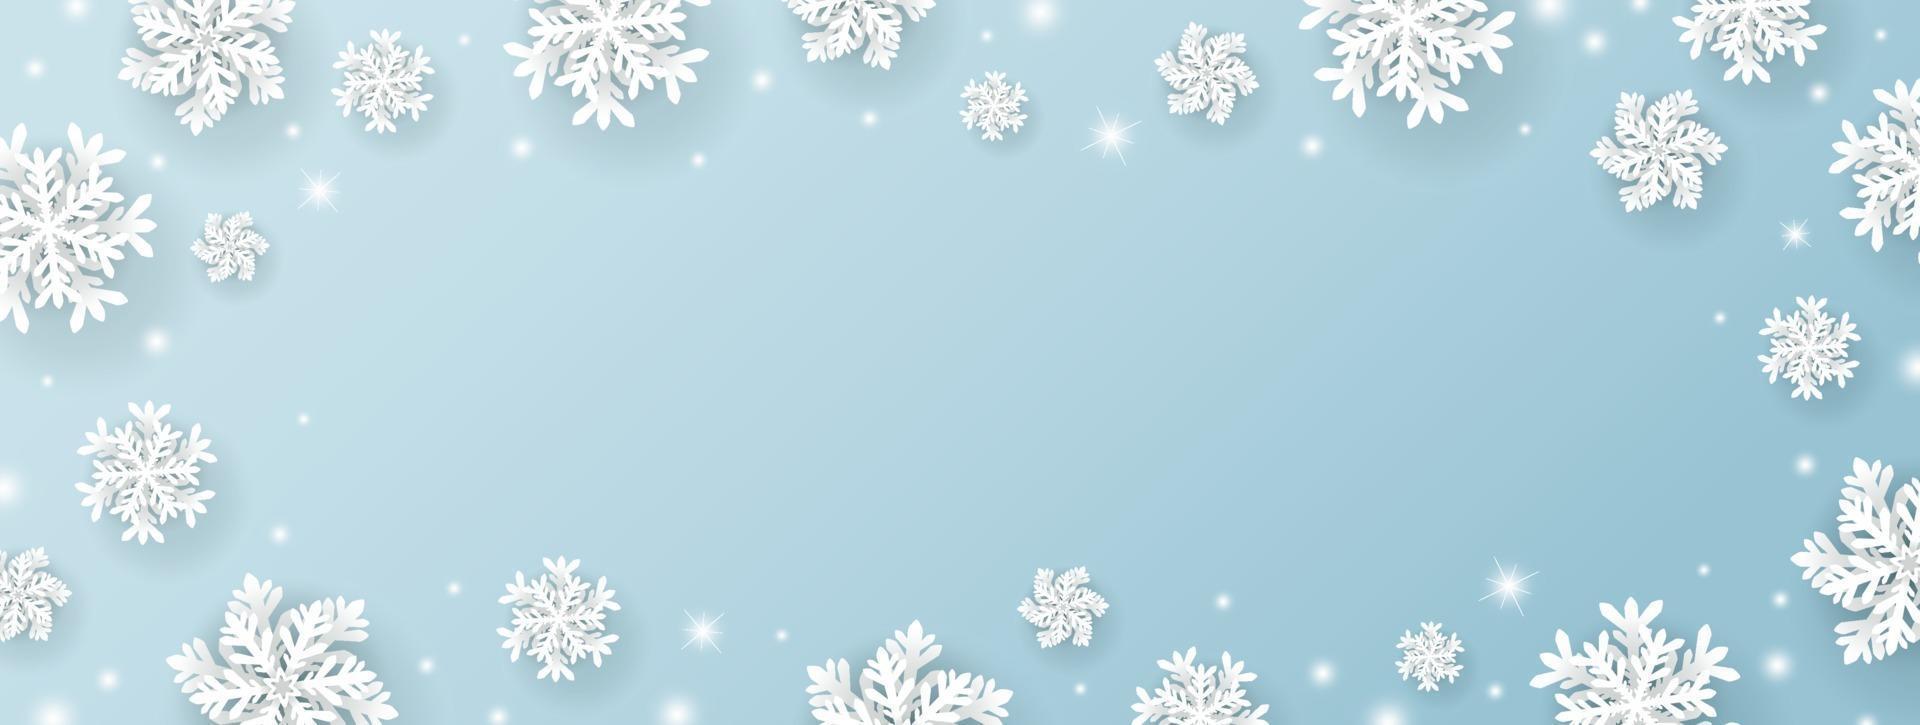 Weihnachts- und Winterfahnenentwurf von Schneeflocke und Schnee mit Lichtern auf blauem Hintergrundvektorillustration vektor